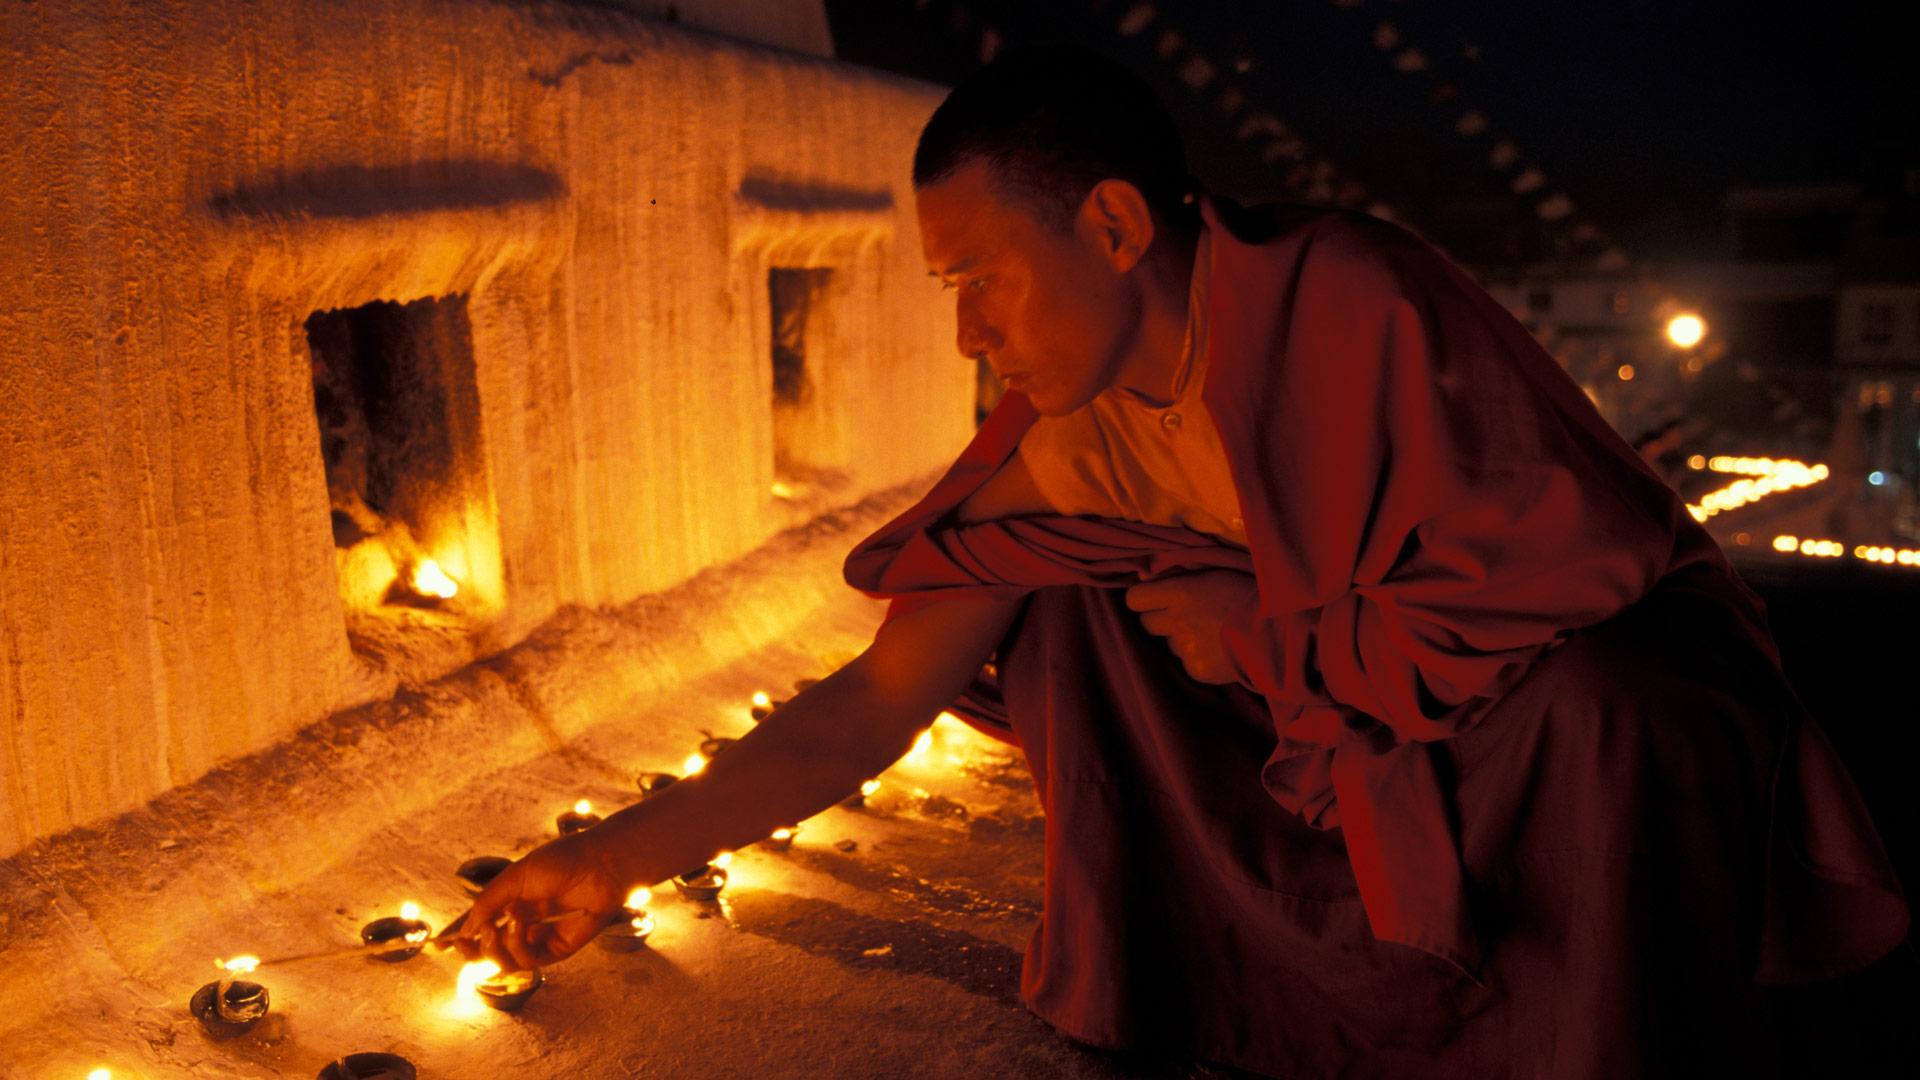 Monk lighting butter lamps at Boudnath, Kathmandu Nepal.